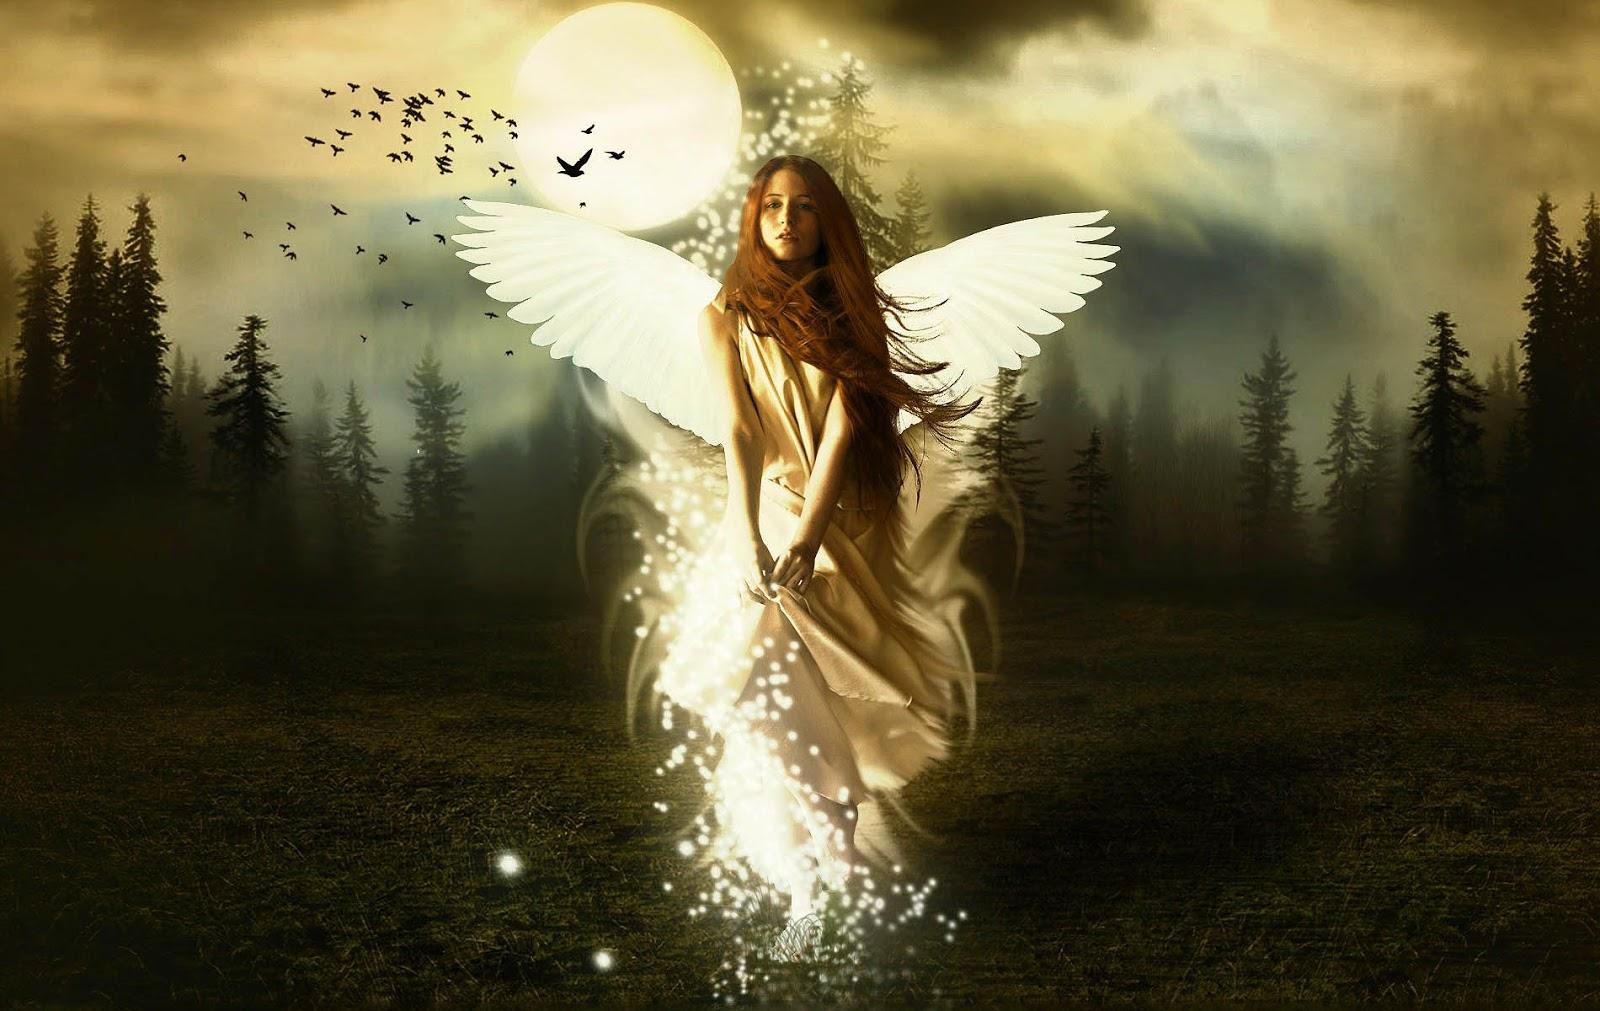 Mooie Engel Achtergronden Hd Wallpapers Angel Afbeelding Plaatje 10 Sn Wallpaper